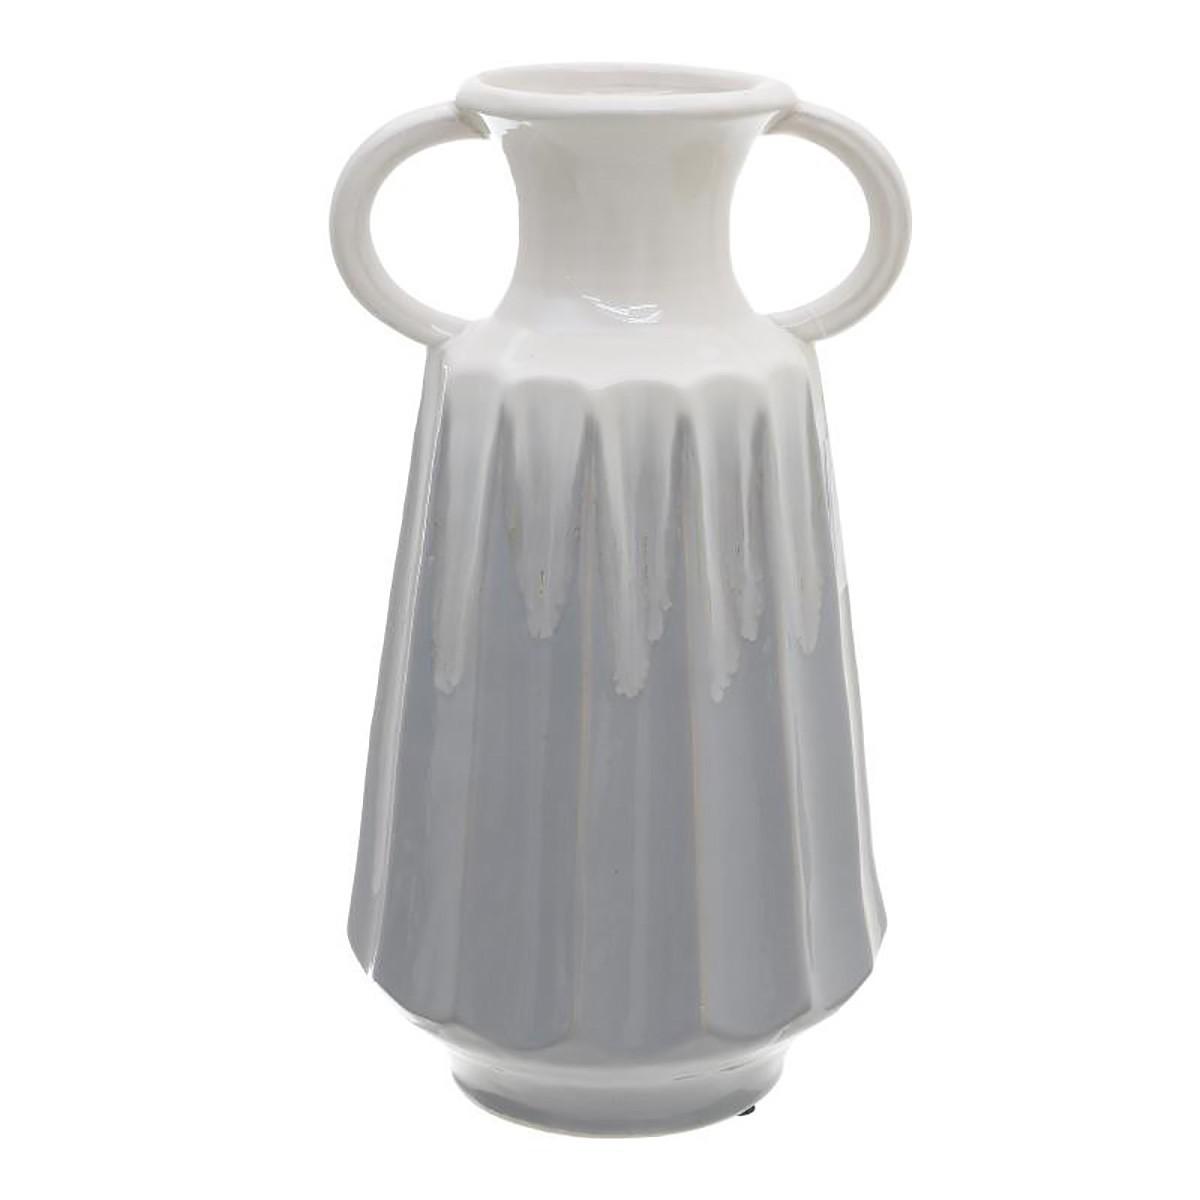 Διακοσμητικό Βάζο InArt 3-70-663-0229 72811